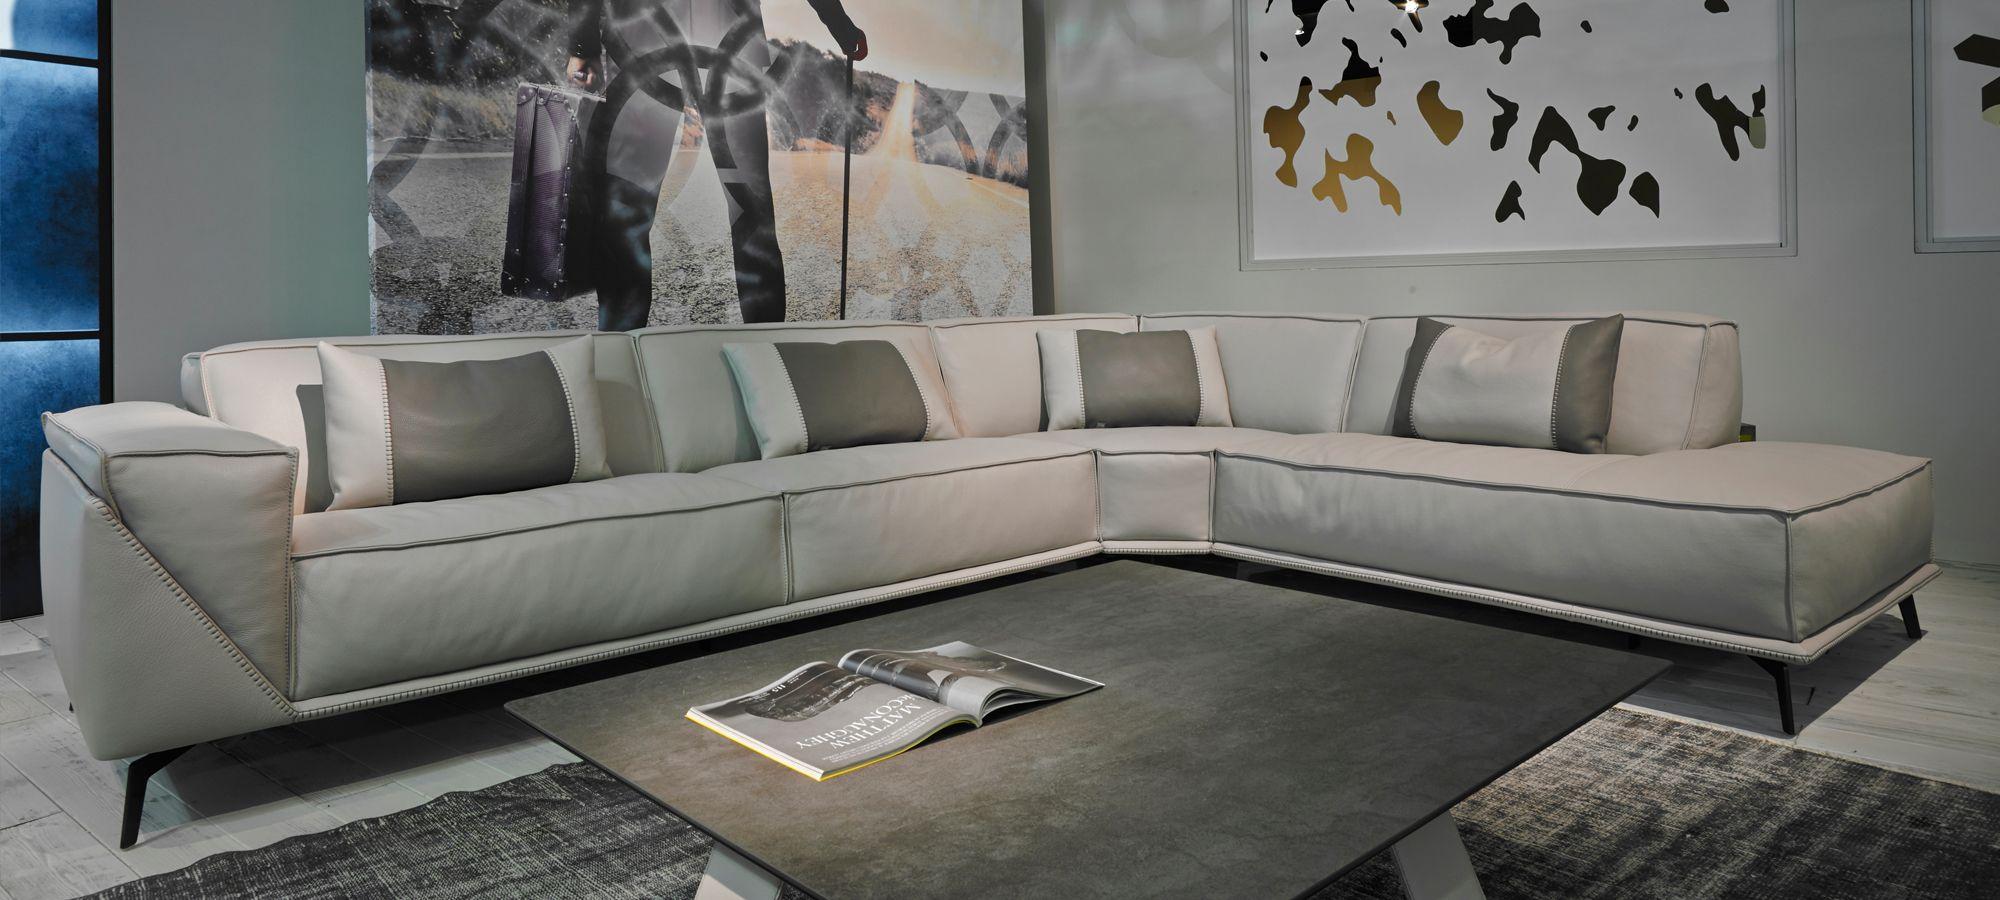 Gamma Edwin Living Room Decor Modern Furniture Luxury Italian Furniture